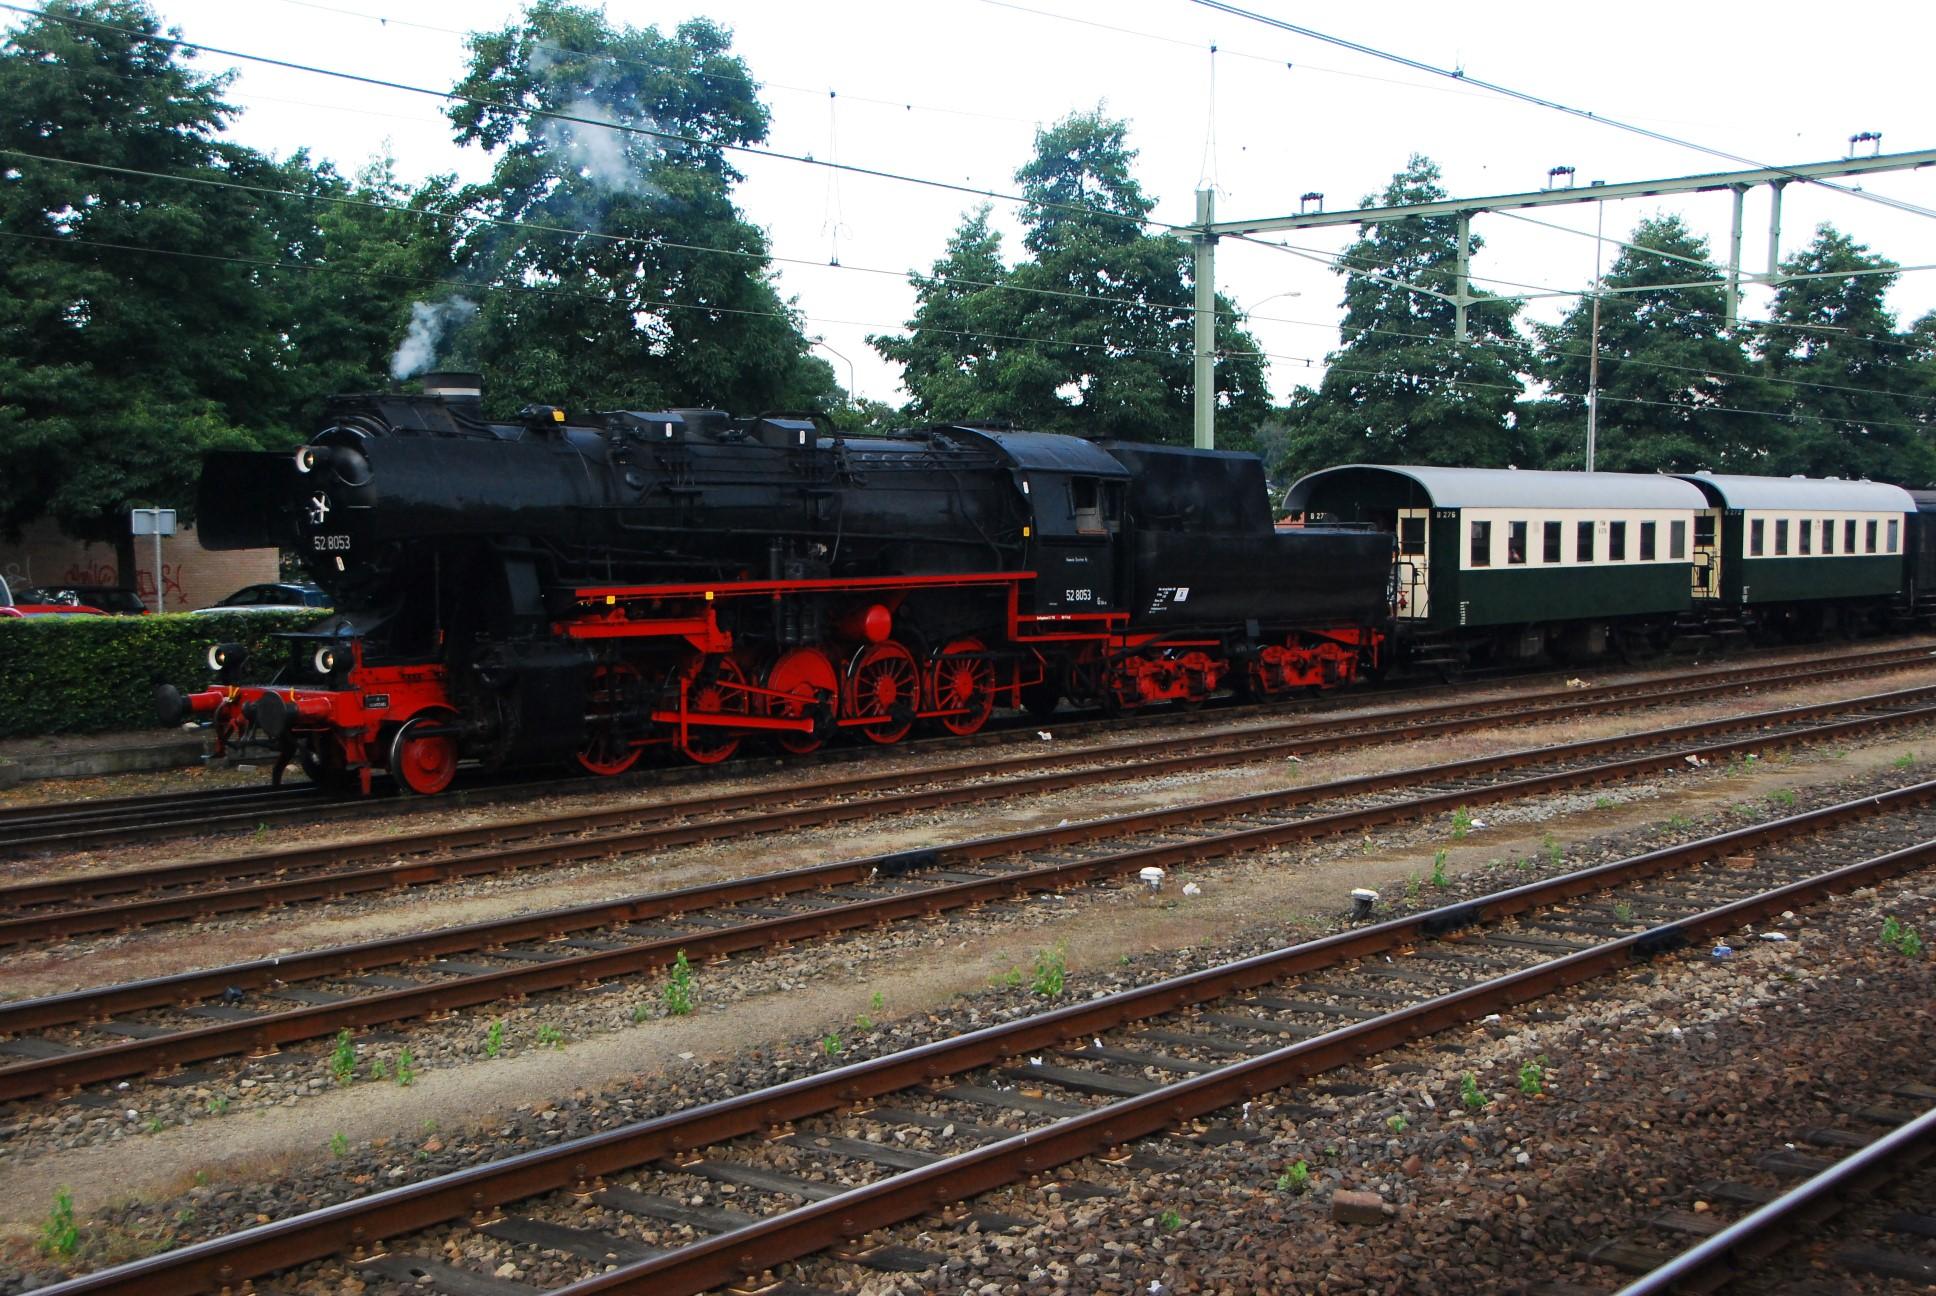 File:VSM 52 8053 - Station Apeldoorn - 20090820.jpg